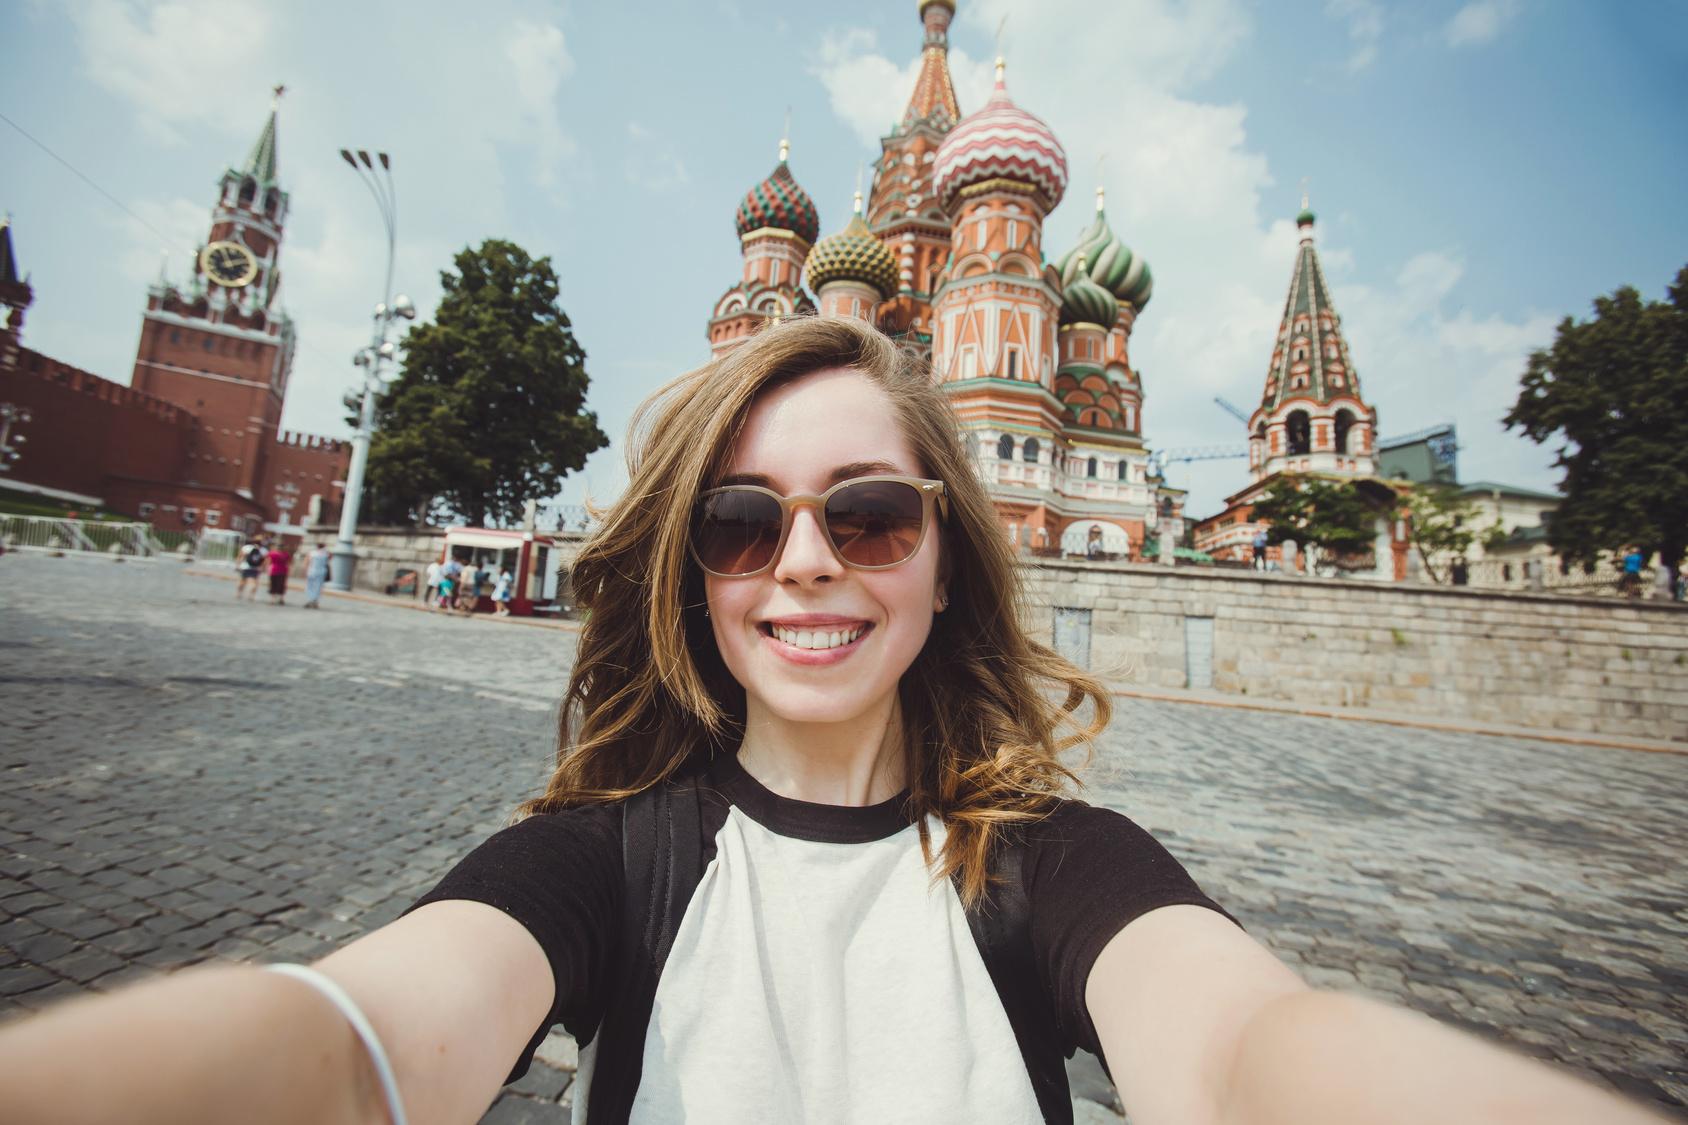 Frau mit Sonnenbrille macht Selfie auf dem Roten Platz in Moskau.